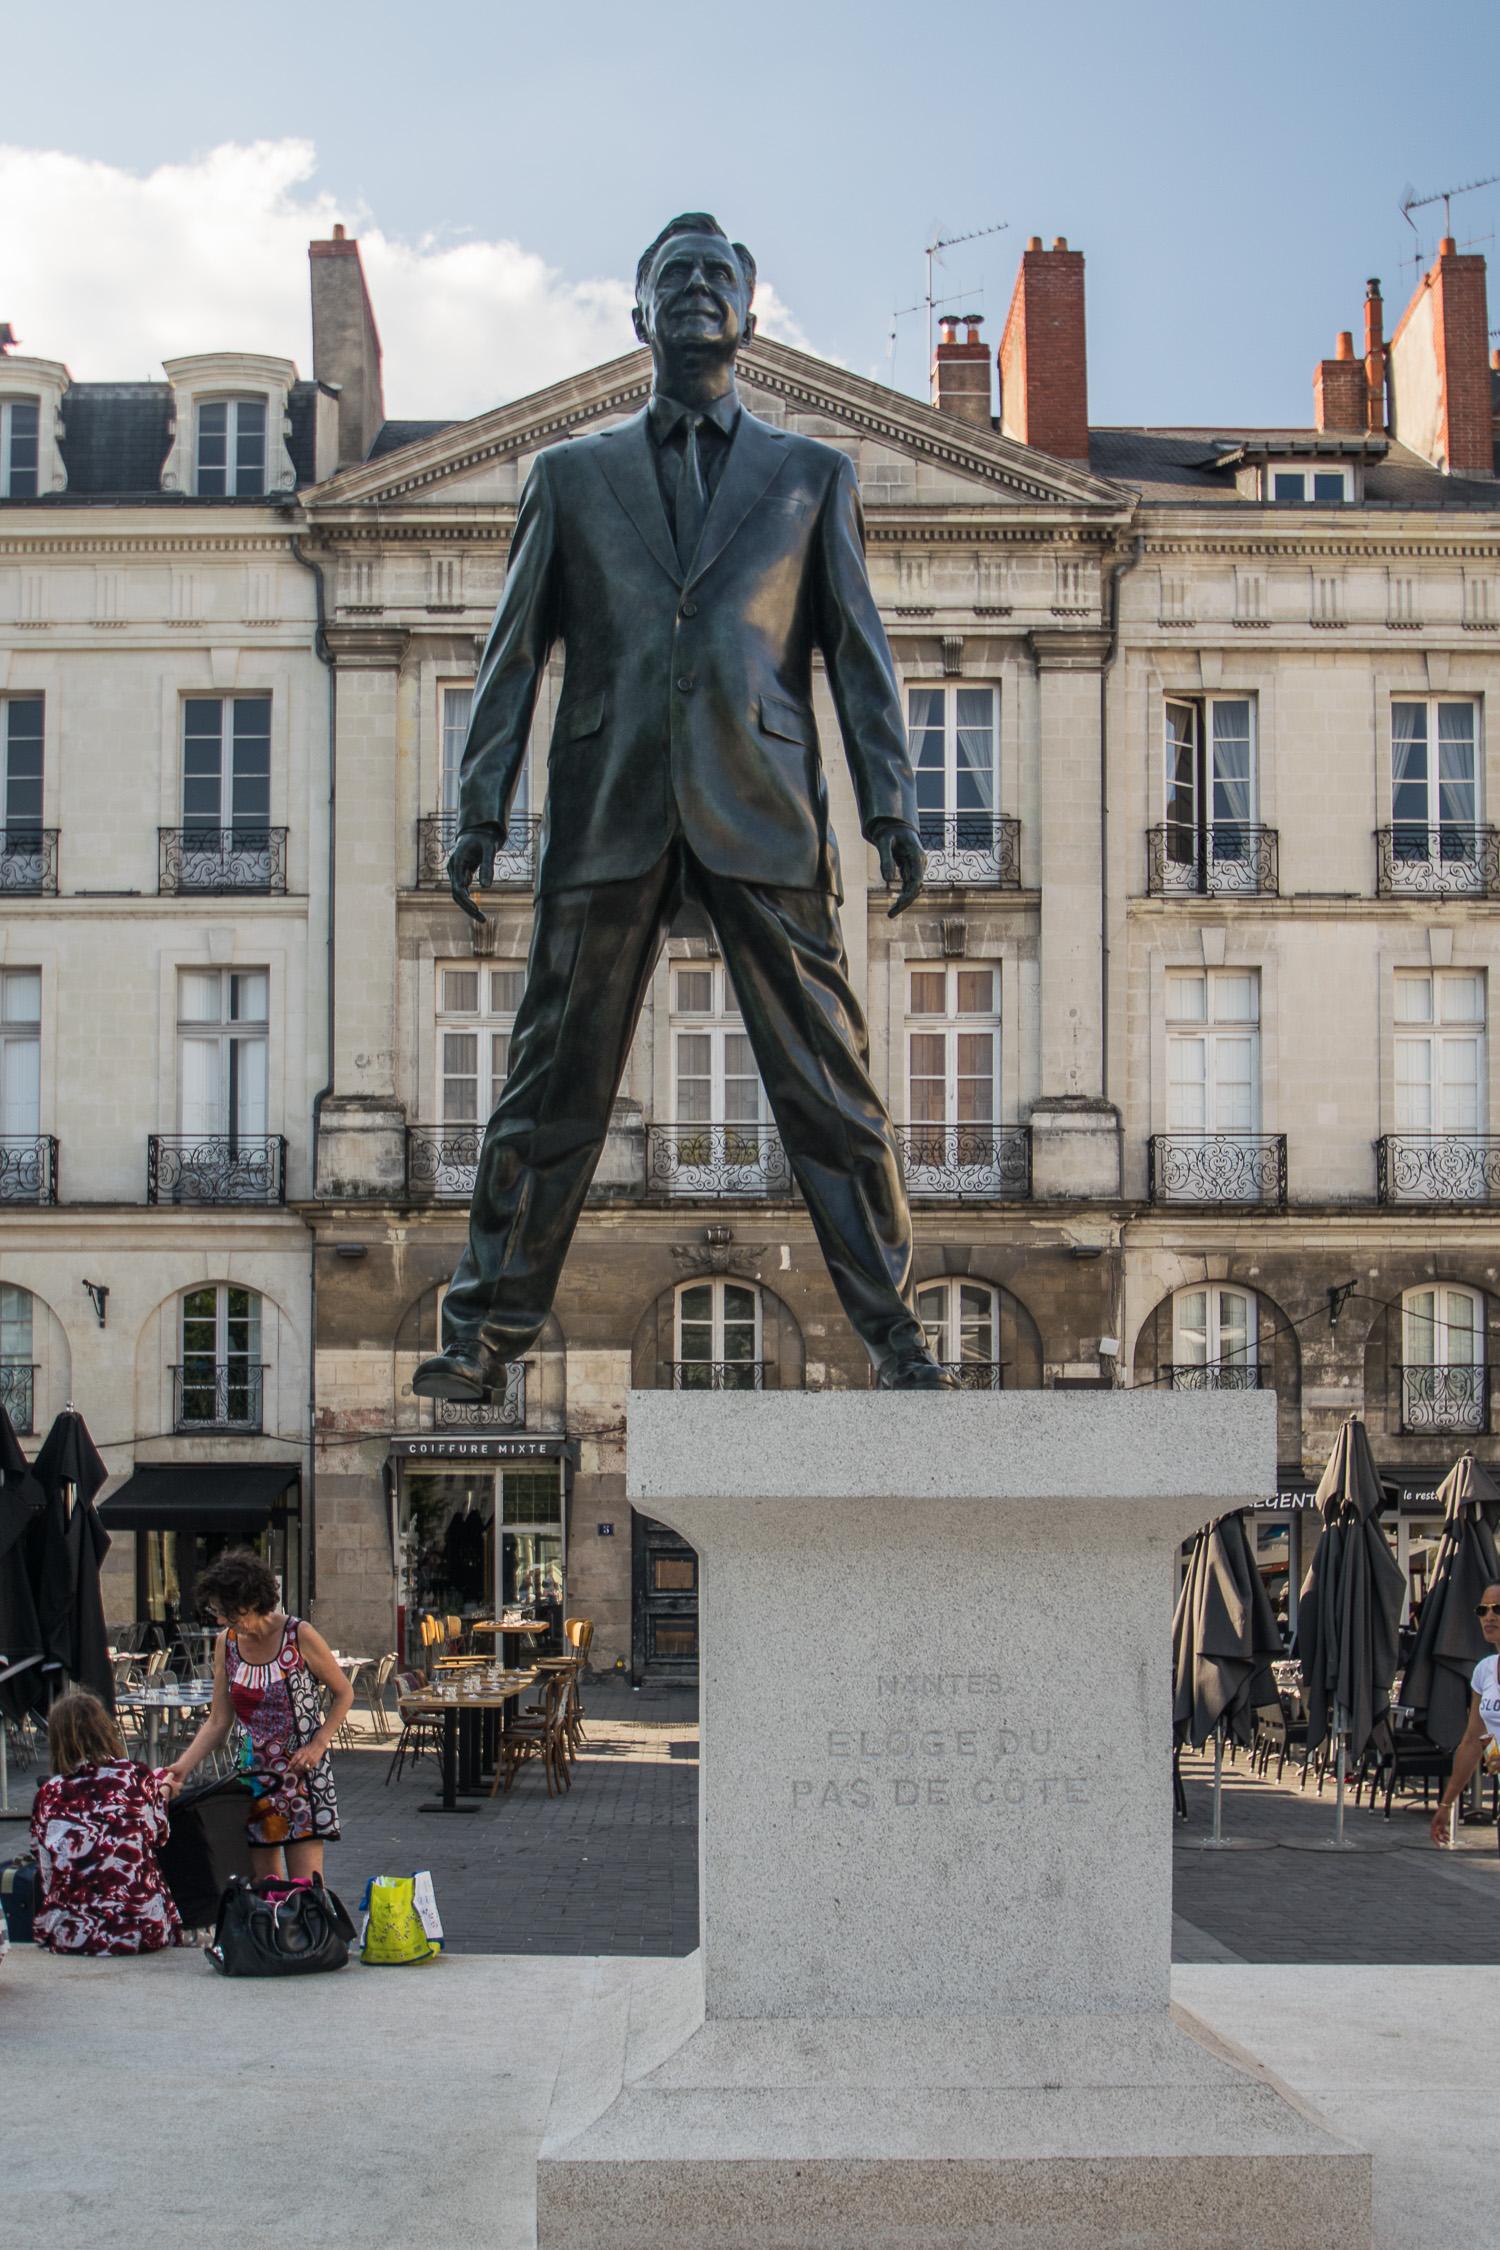 Eloge du pas de côté, une oeuvre du voyage à Nantes